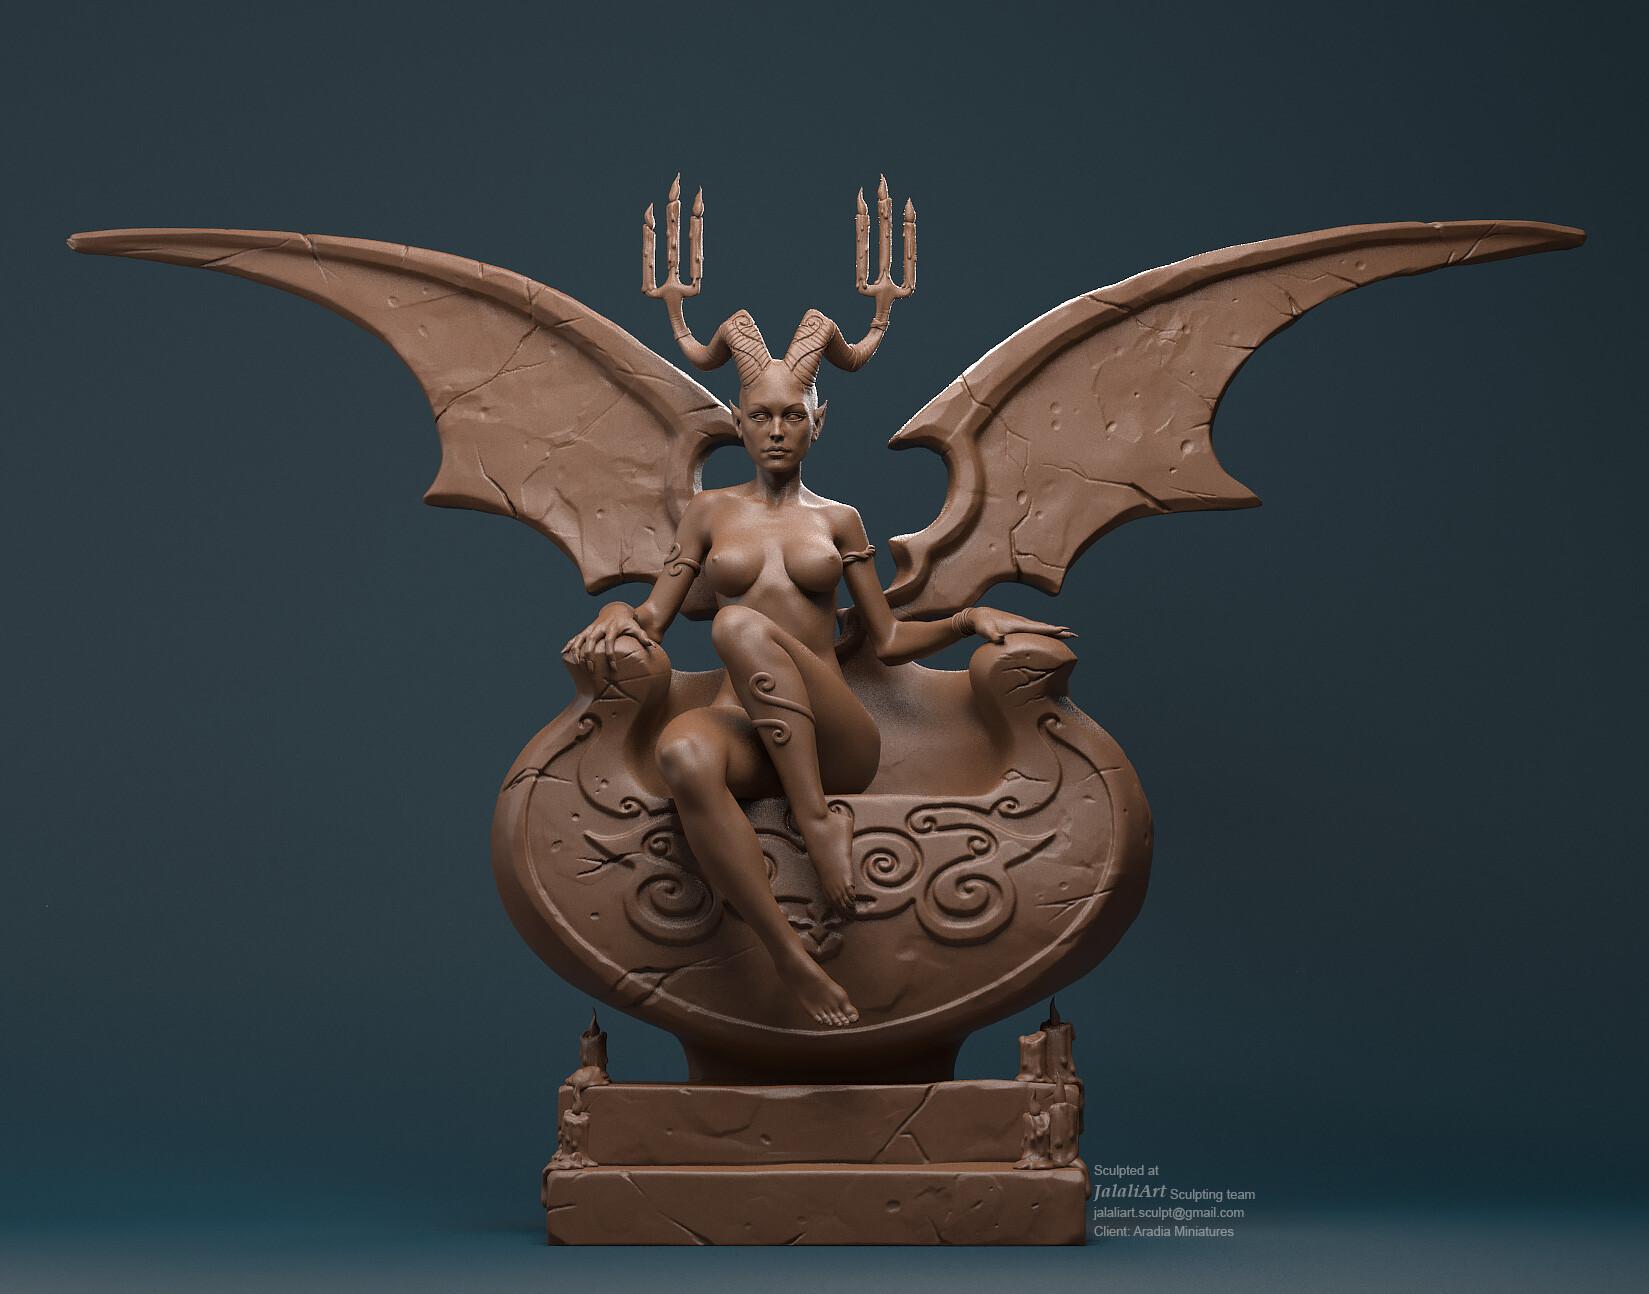 ArtStation - Aradia Queen, JalaliArt Sculpting Team